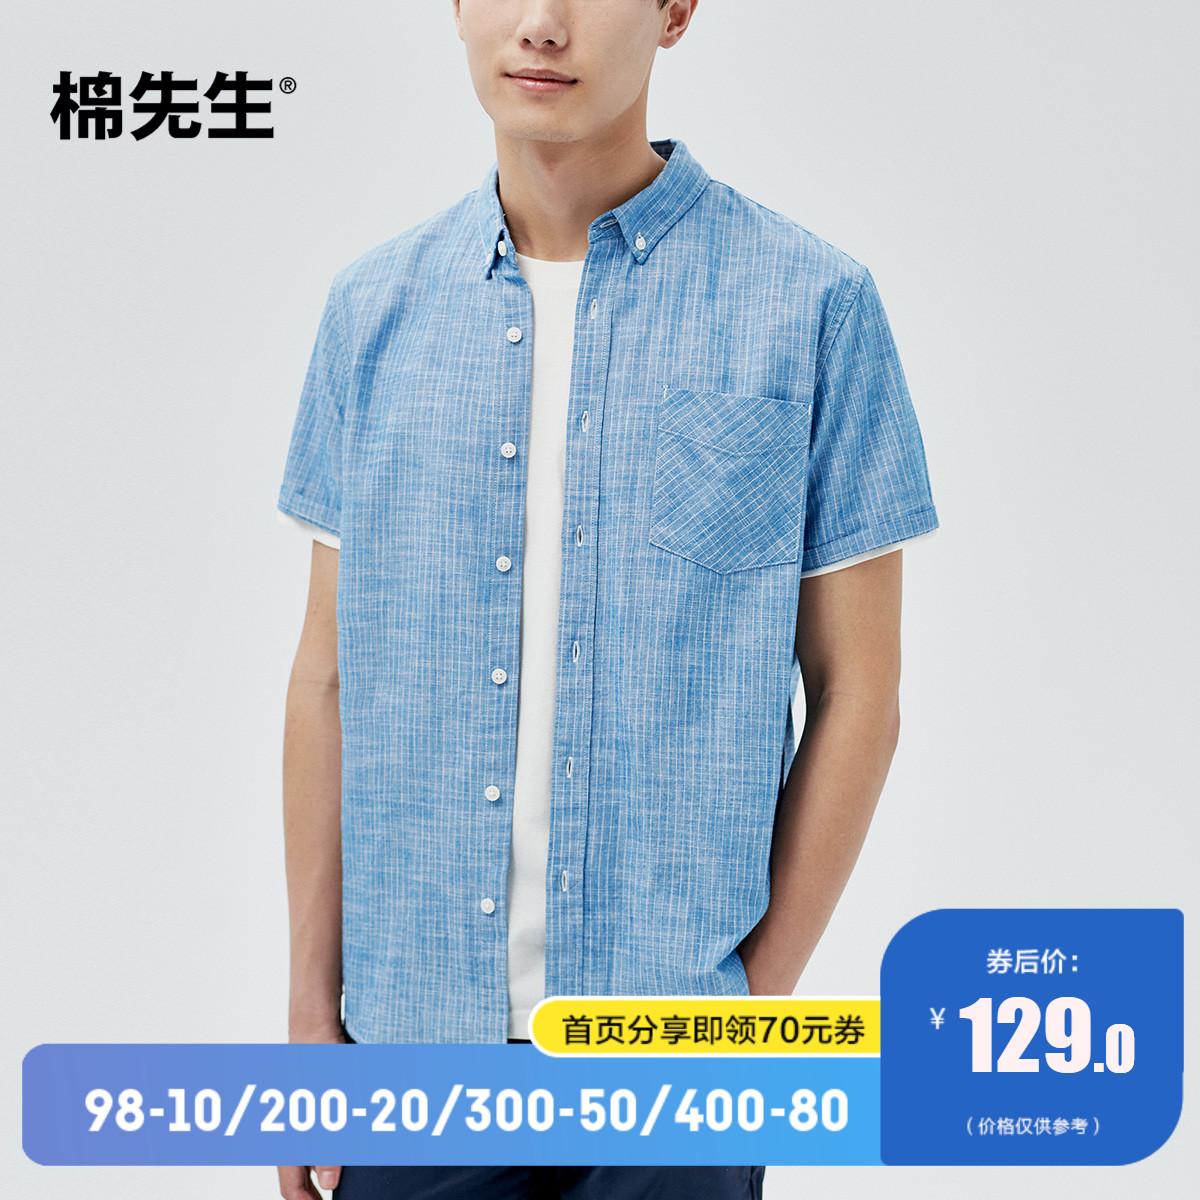 棉先生短袖衬衫男 夏季纯棉竹节青年布条纹翻领短袖衬衣休闲百搭